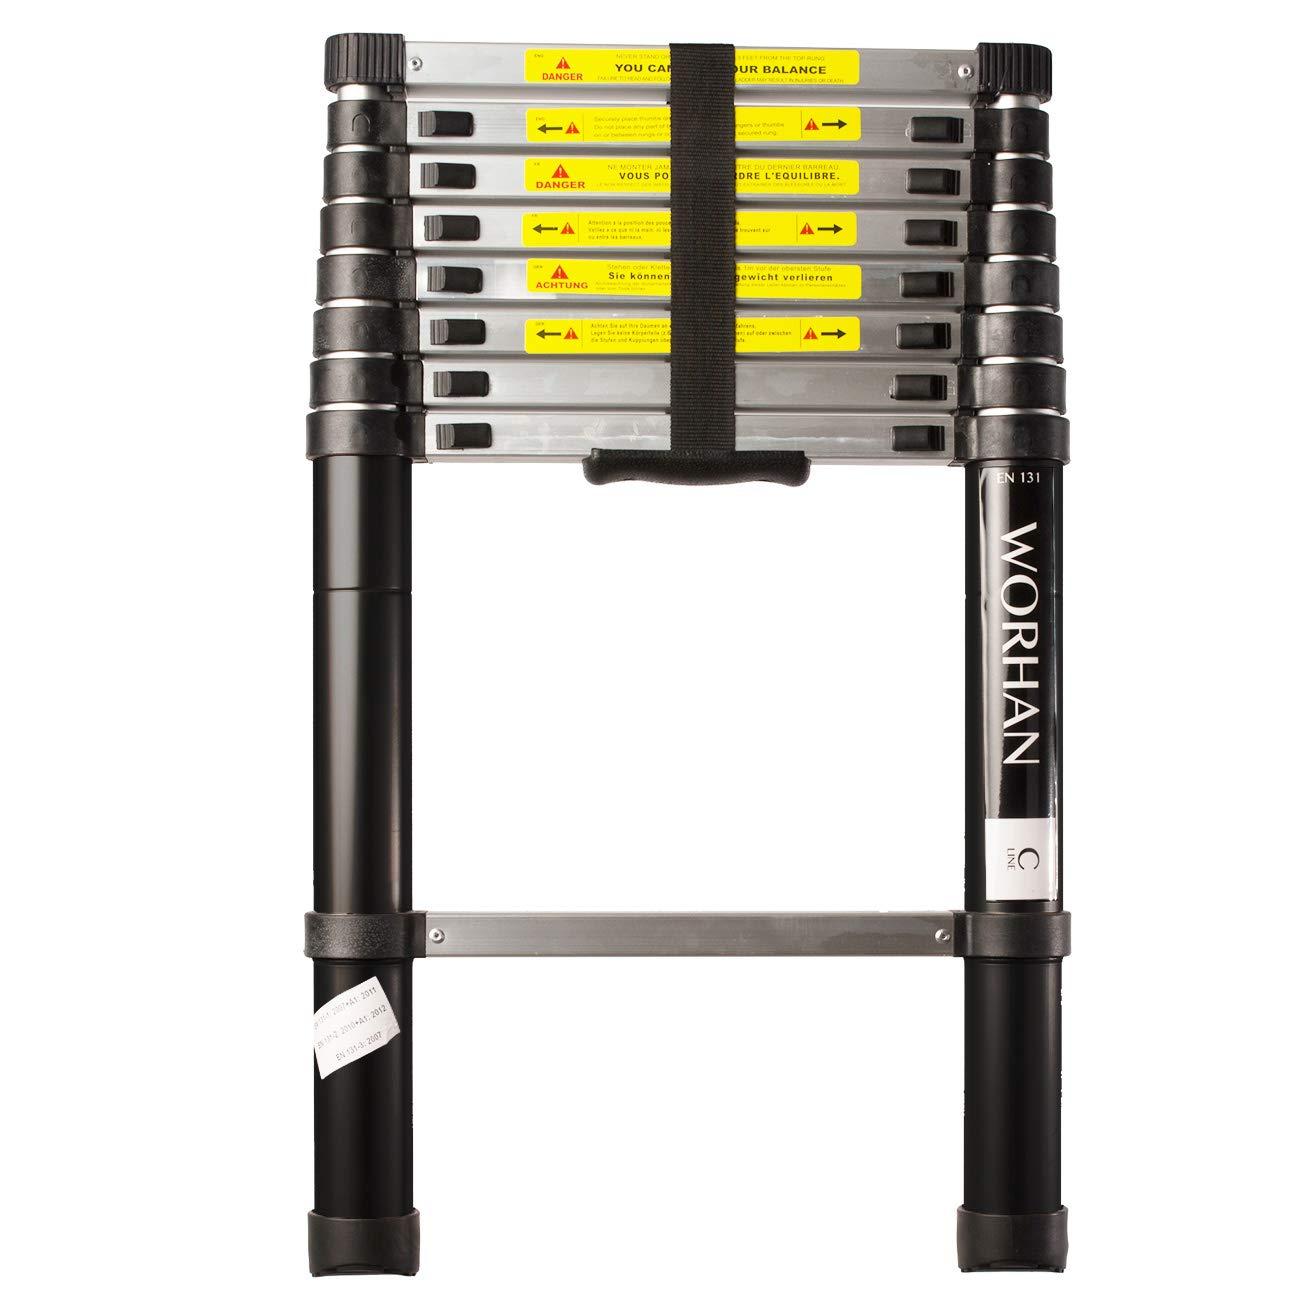 Aluminio Carga m/áxima 150 kg EN 131 Tedecon Escalera telesc/ópica plegable 2.6 m